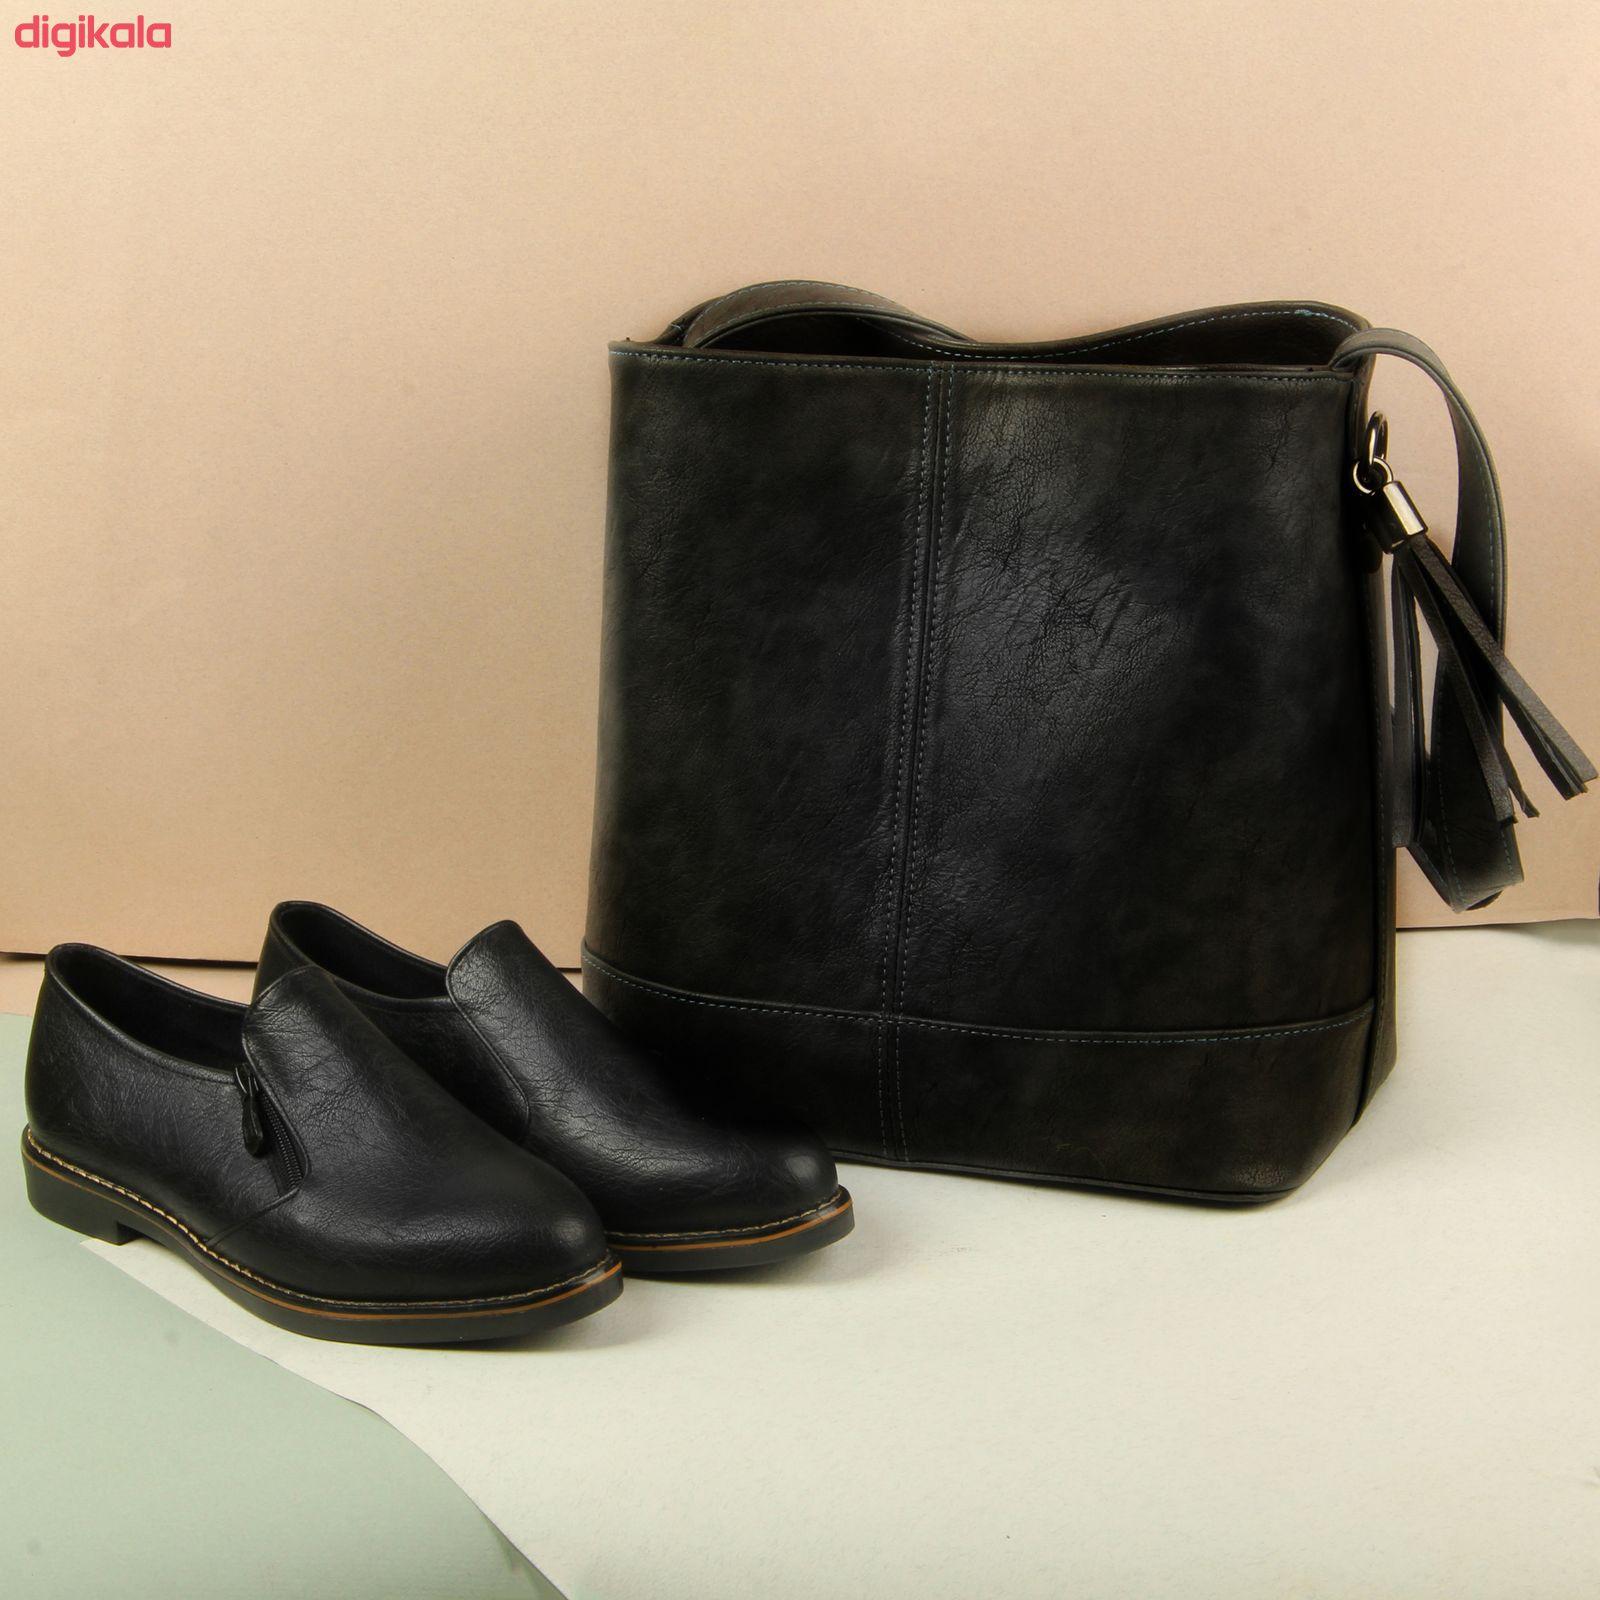 ست کیف و کفش زنانه BAB مدل ترنم کد 910-5 main 1 11